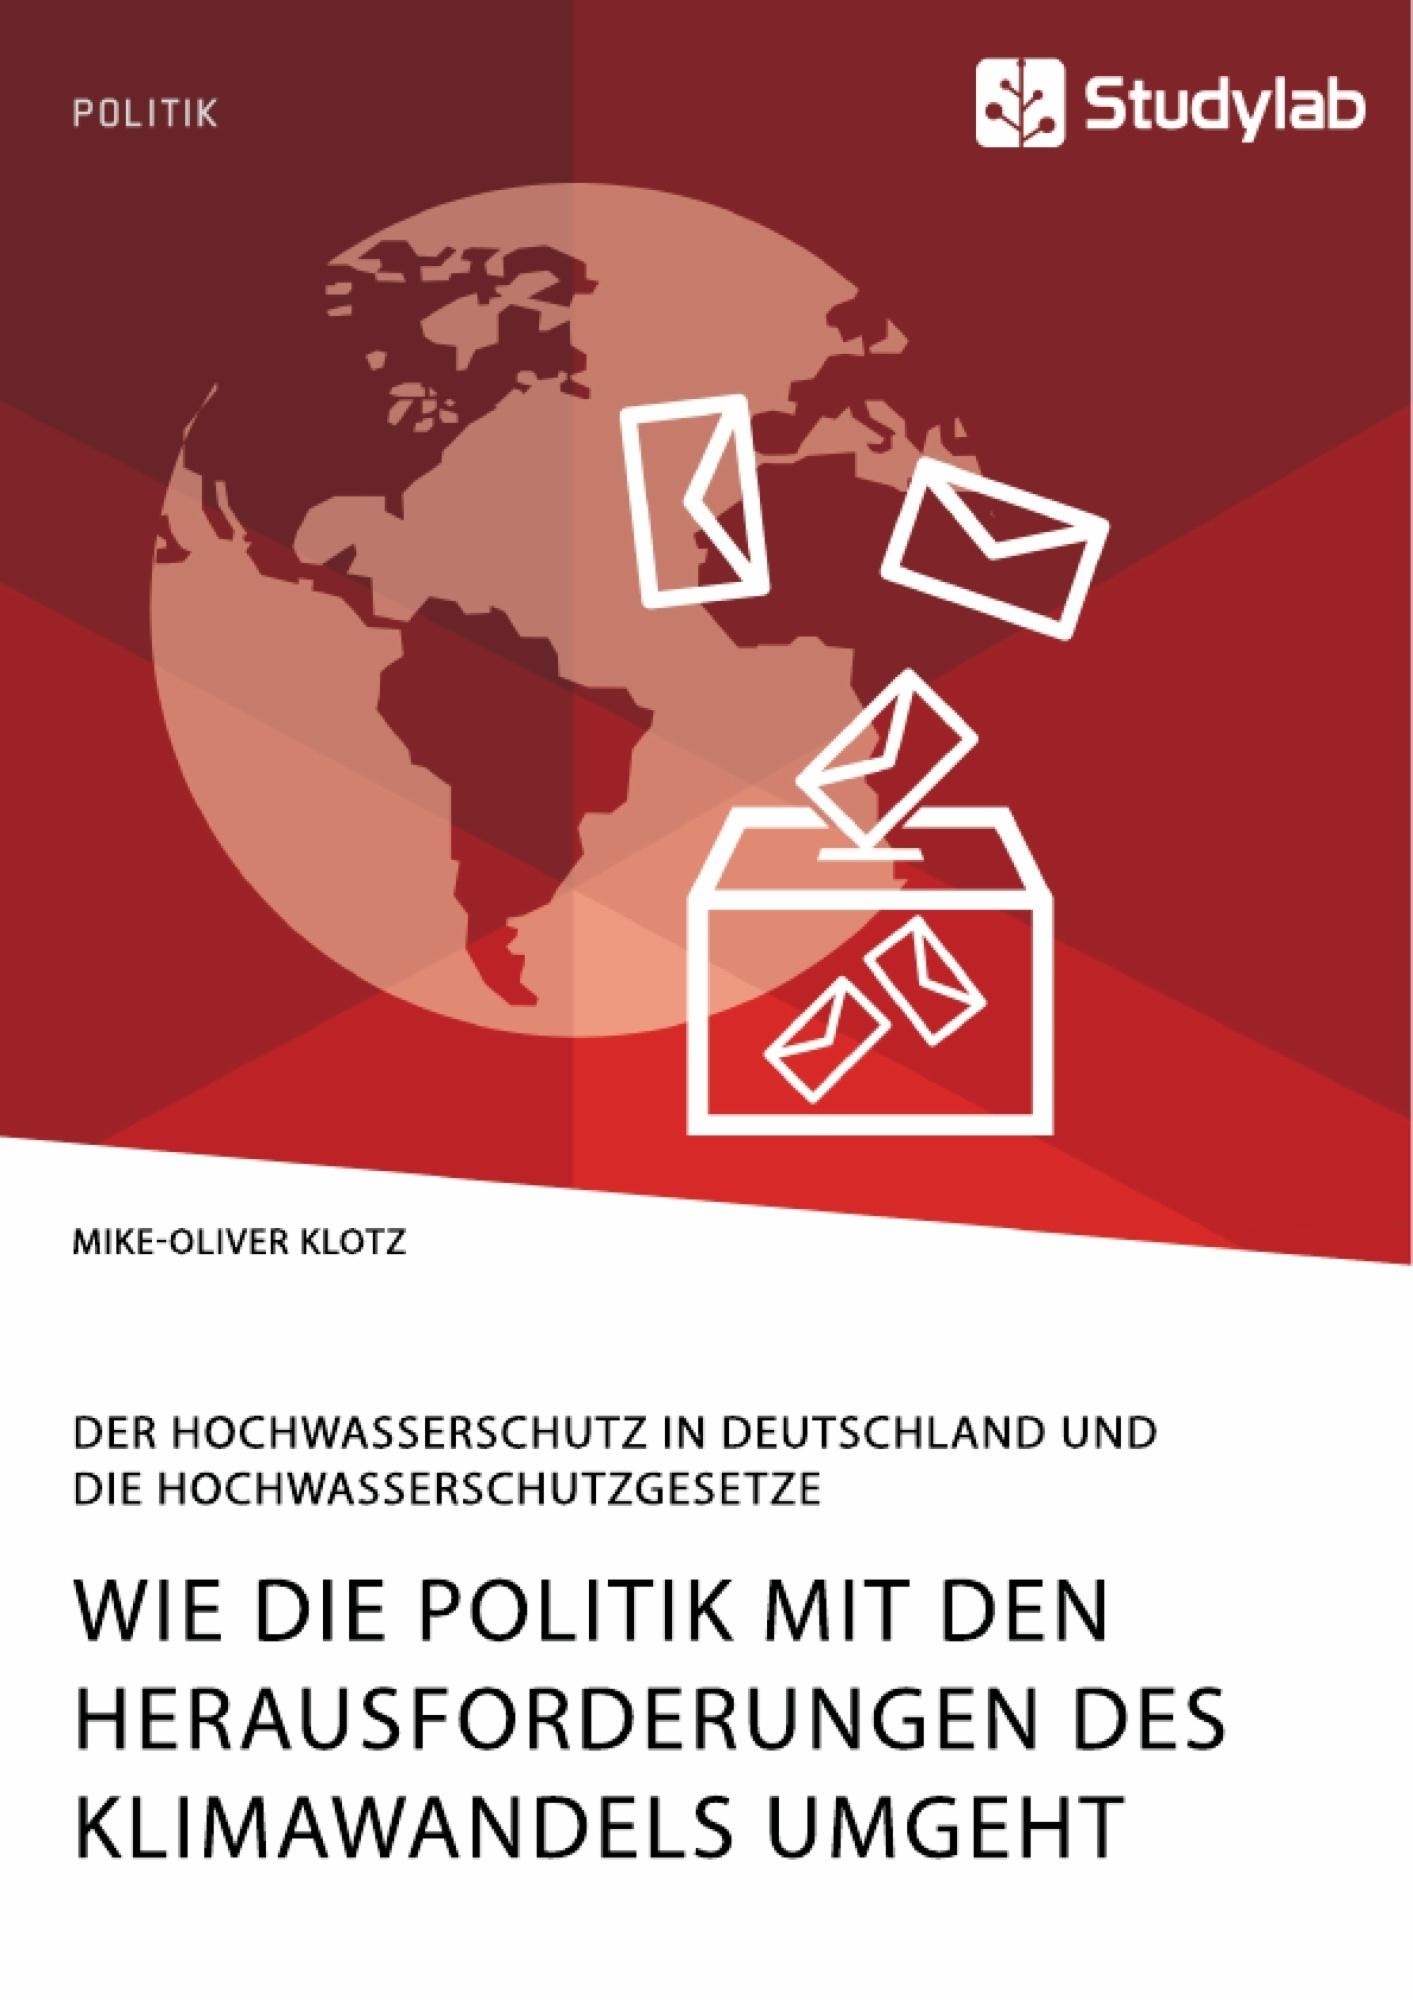 Titel: Wie die Politik mit den Herausforderungen des Klimawandels umgeht. Der Hochwasserschutz in Deutschland und die Hochwasserschutzgesetze